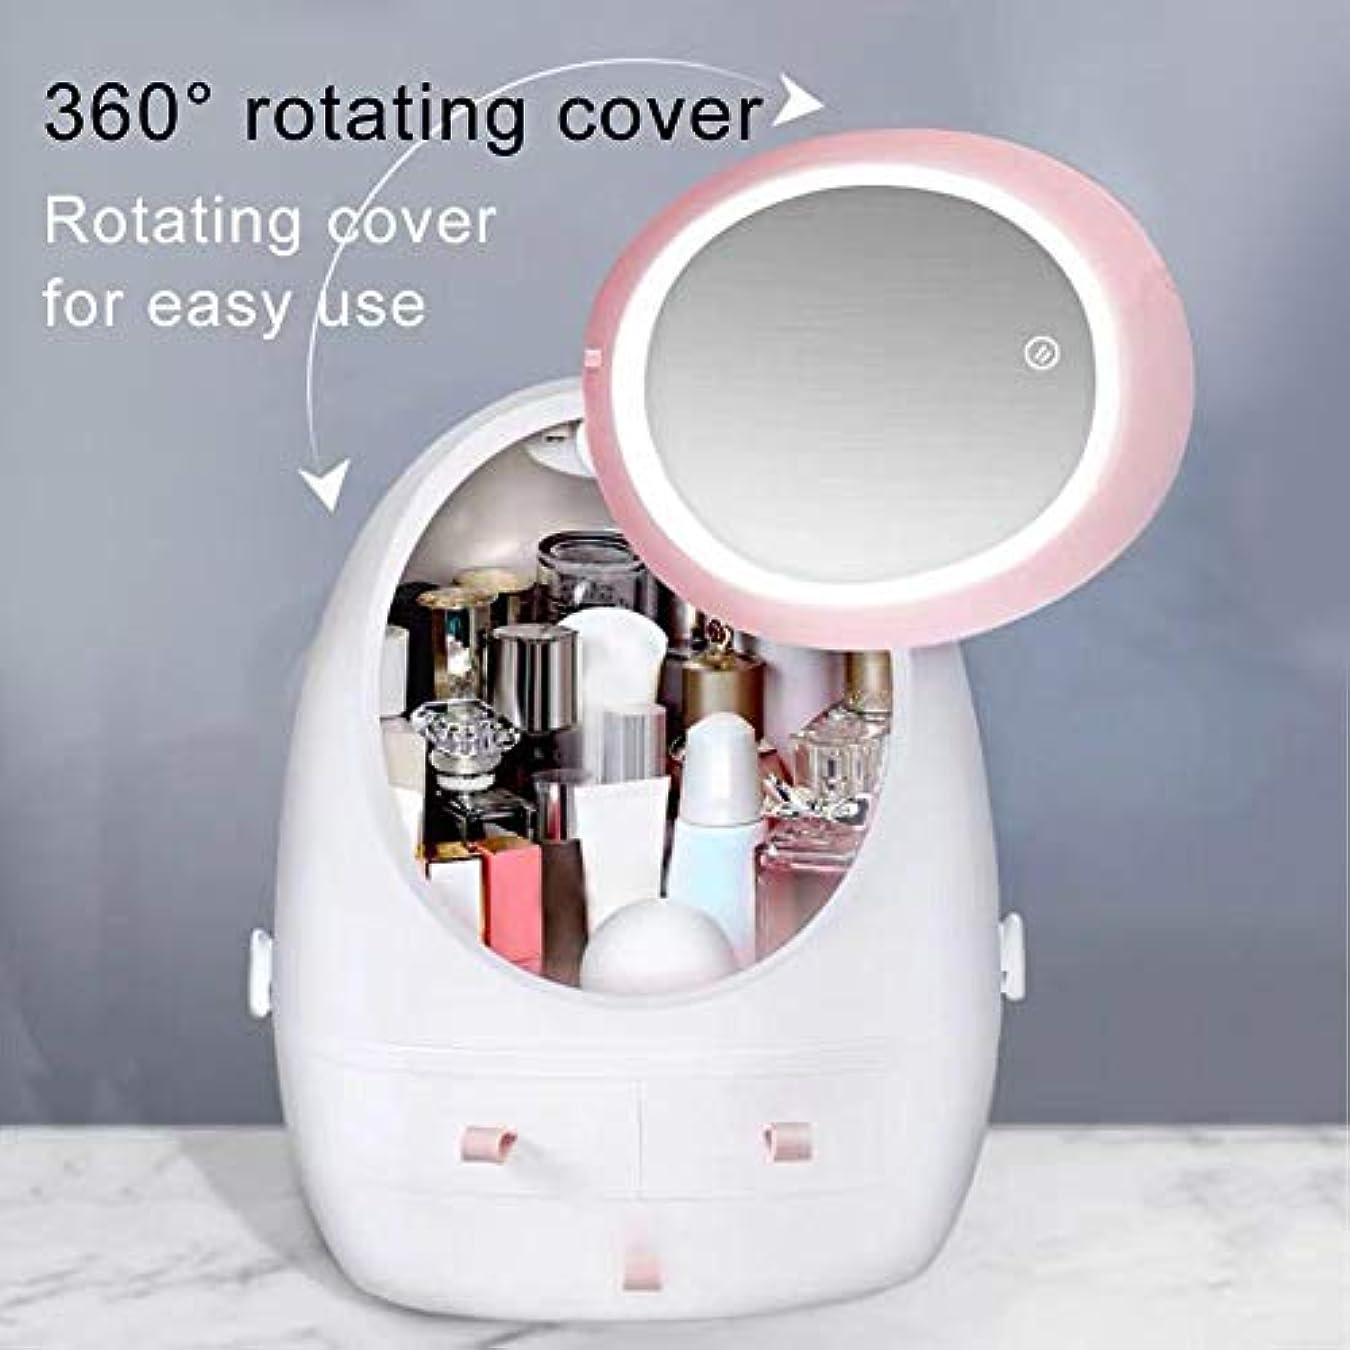 不適アナリスト清める化粧品収納ボックス 玉子形 LEDミラーライト ポータブル 化粧品収納ケース USB充電 輝度自由調整 360°回転カバー メイクブラシホルダー オーガナイザー 25x16.55x27.5cm